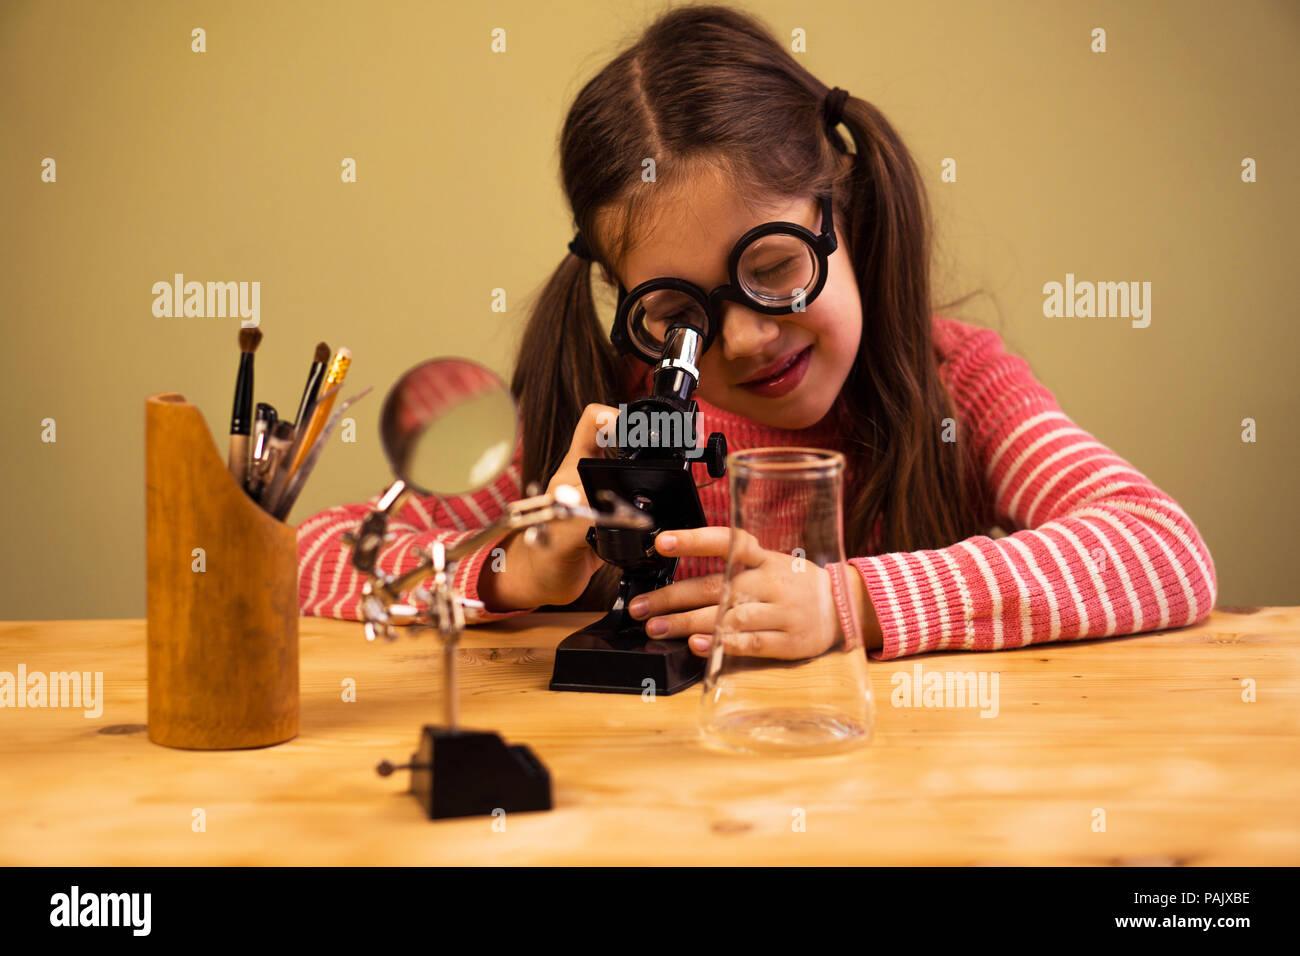 Kleines mädchen suchen im mikroskop kind bildung stockfoto bild